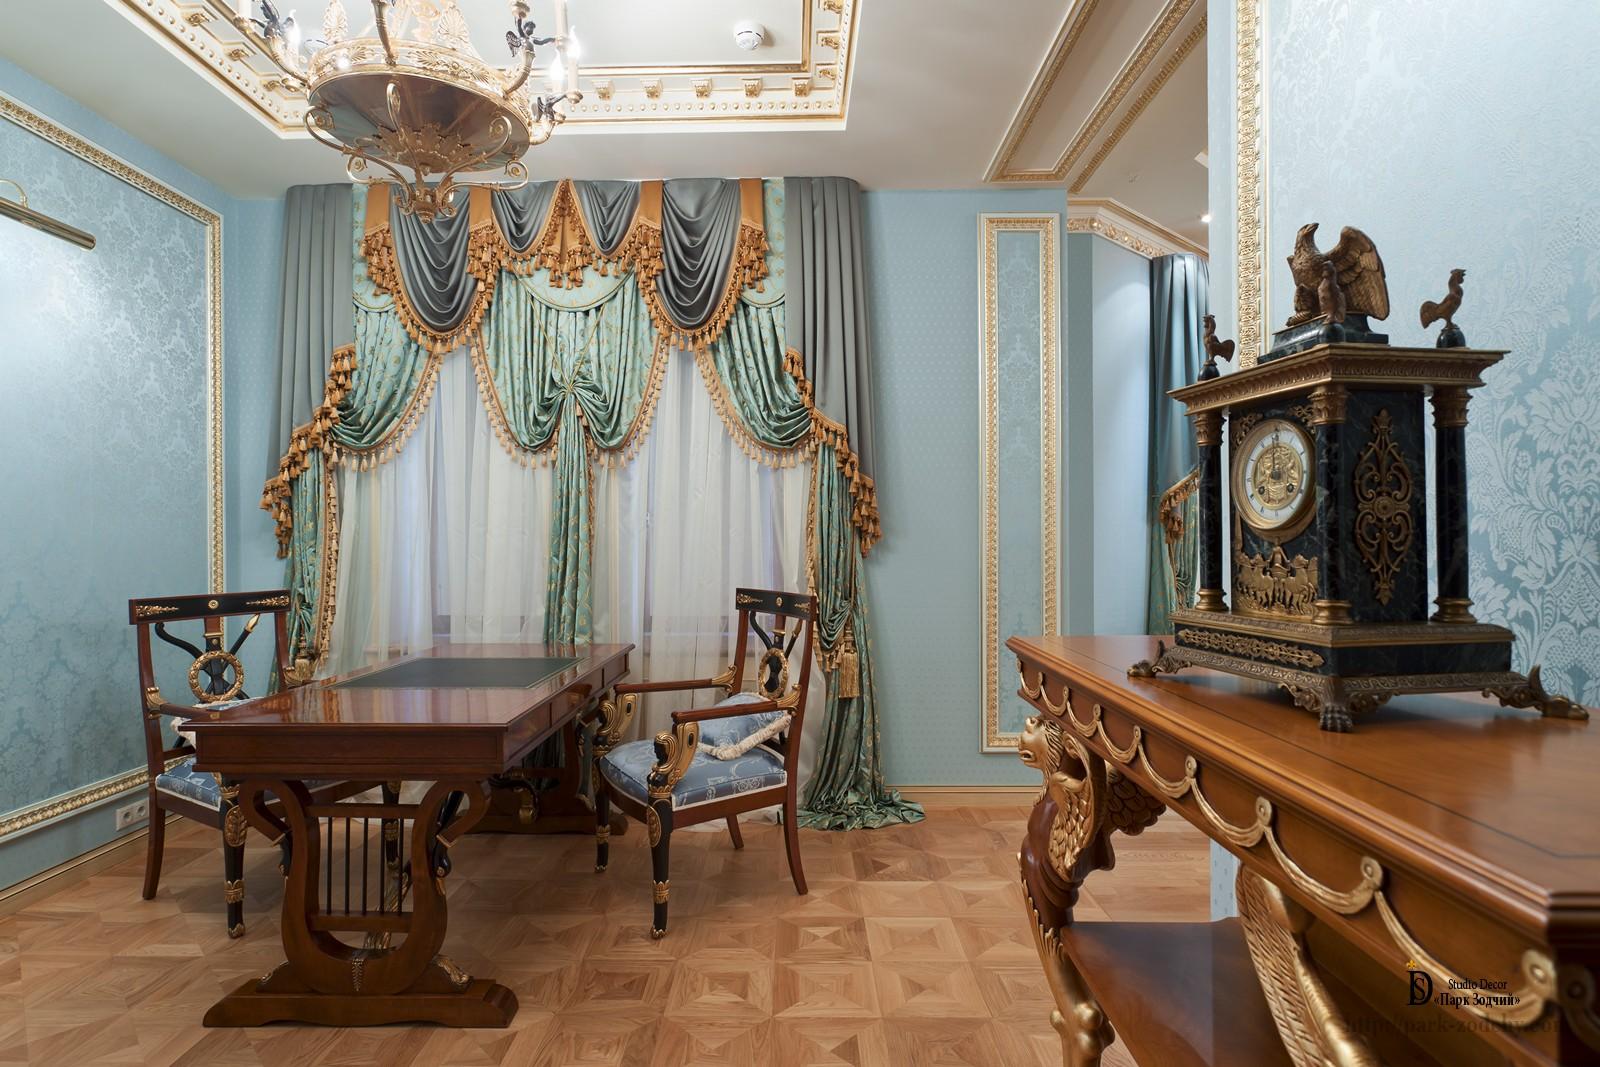 Кабинет в стиле ампир с необычной мебелью